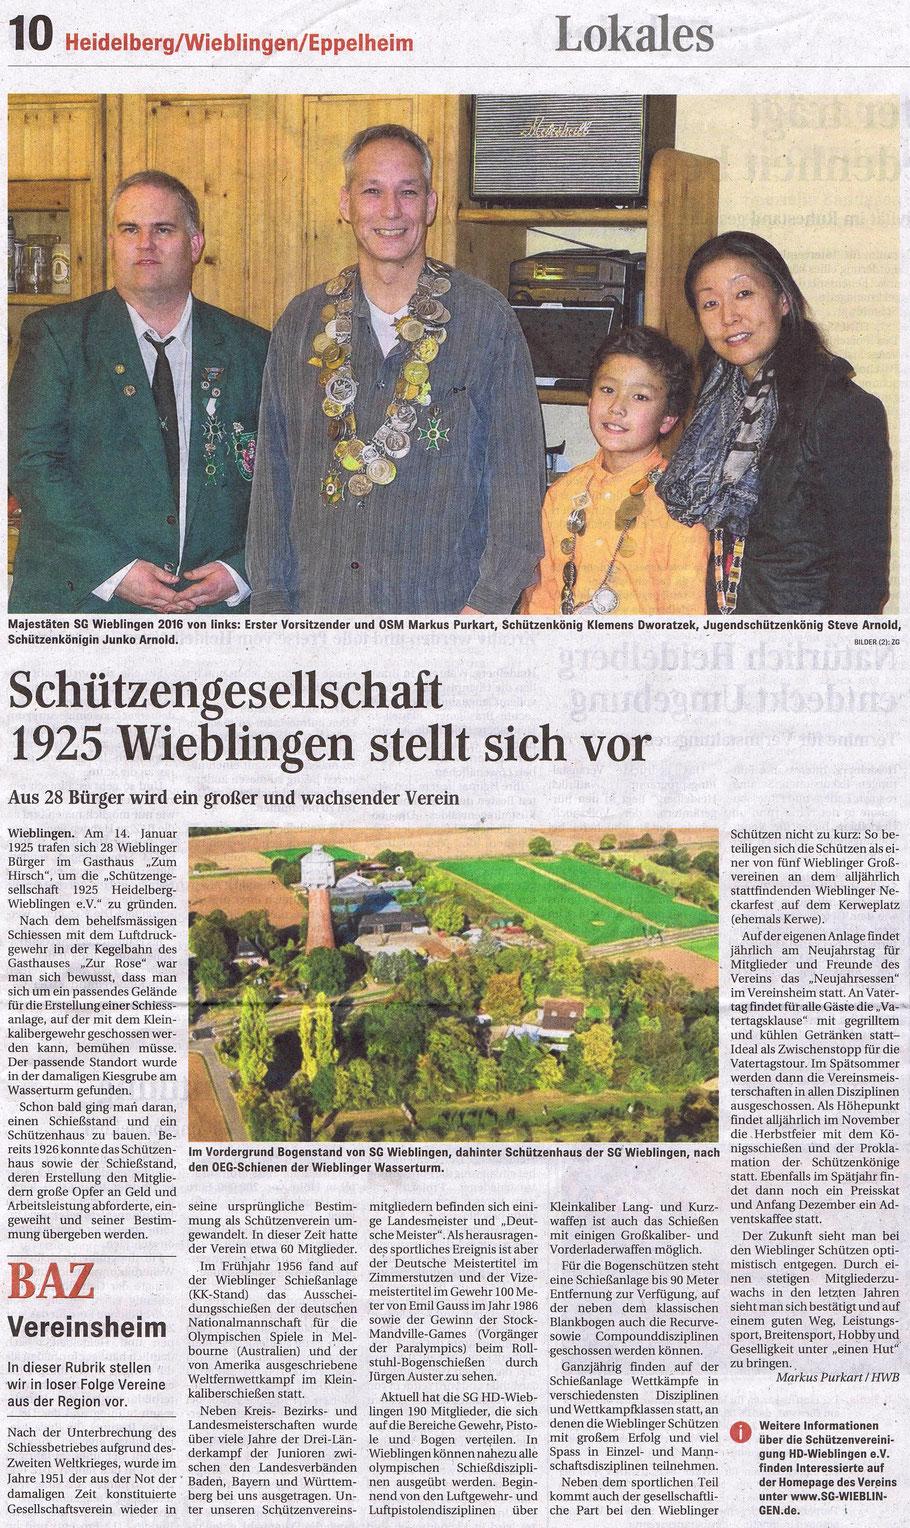 Bericht in der Badischen Anzeigen Zeitung vom 20. August 2016 über die SG Heidelberg-Wieblingen e.V.